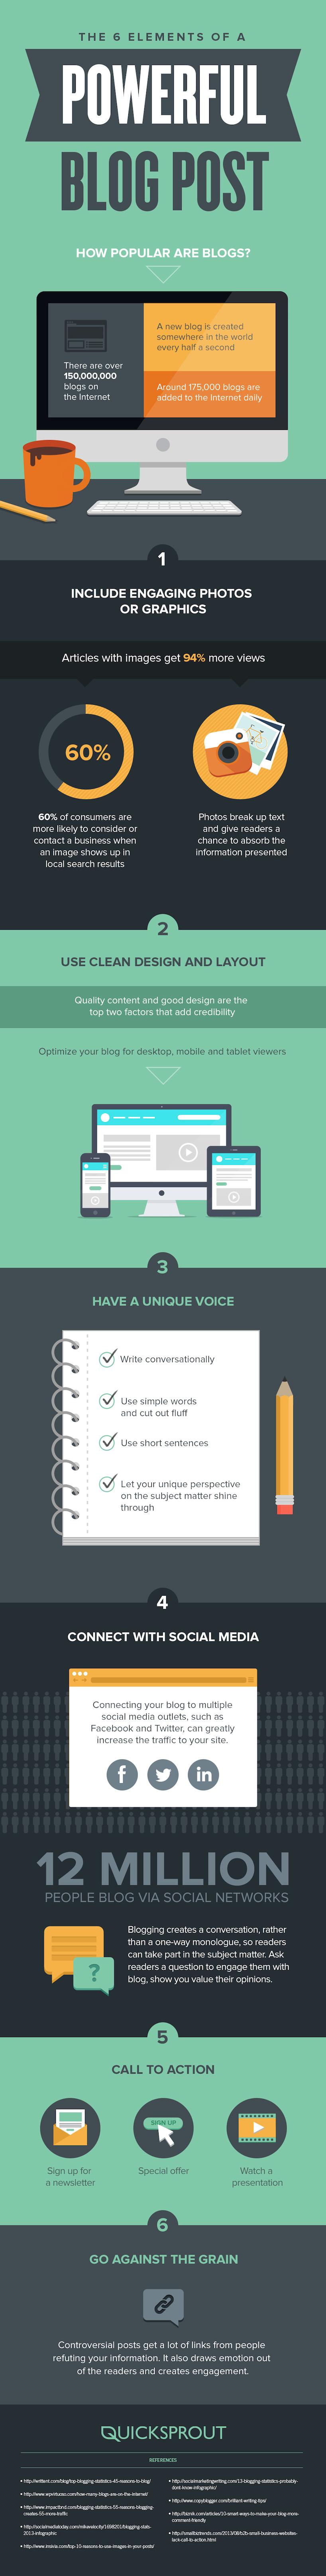 Los 6 elementos de un buen post para blog